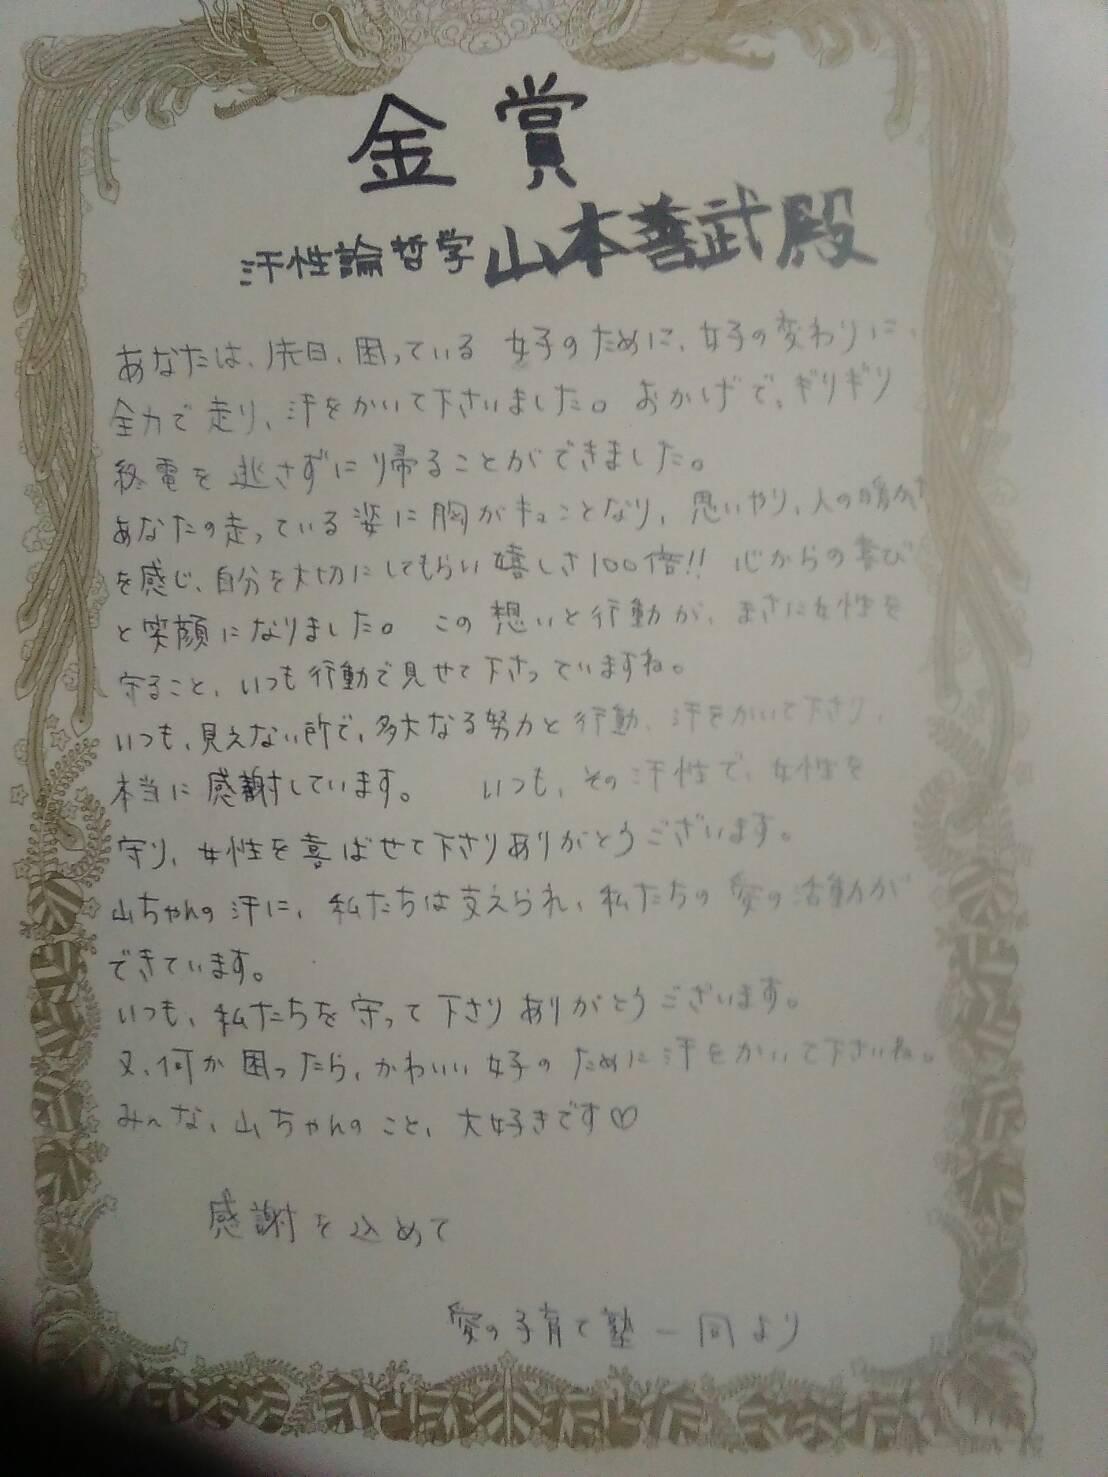 159721 - 愛の子育て塾第14期第4講座開催しました。